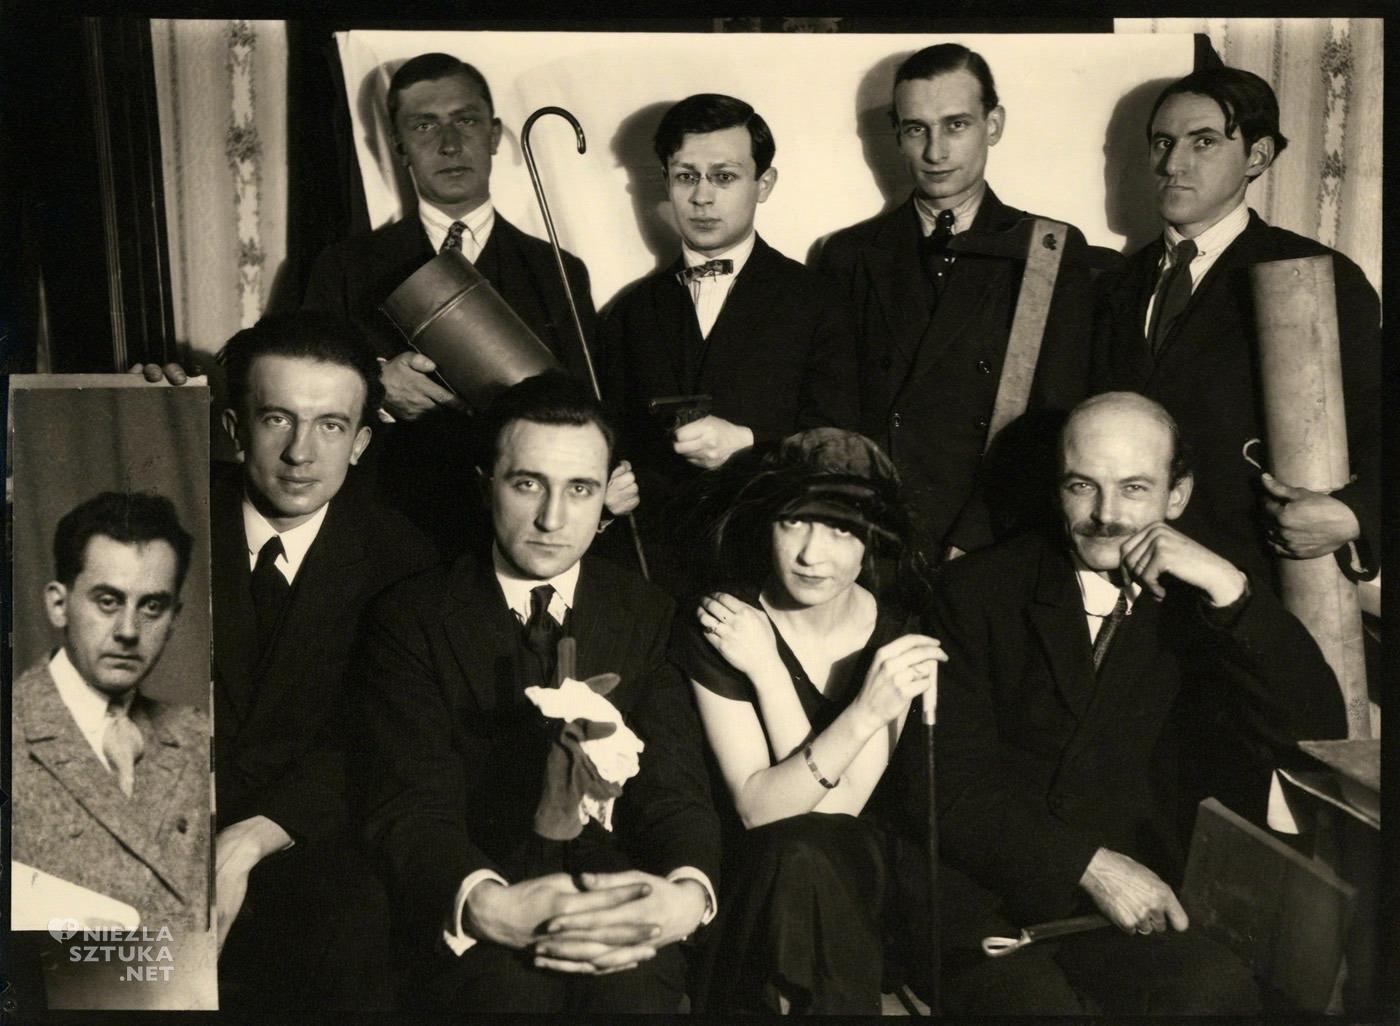 Man Ray, dadaizm, fotografia, artyści, Niezła Sztuka